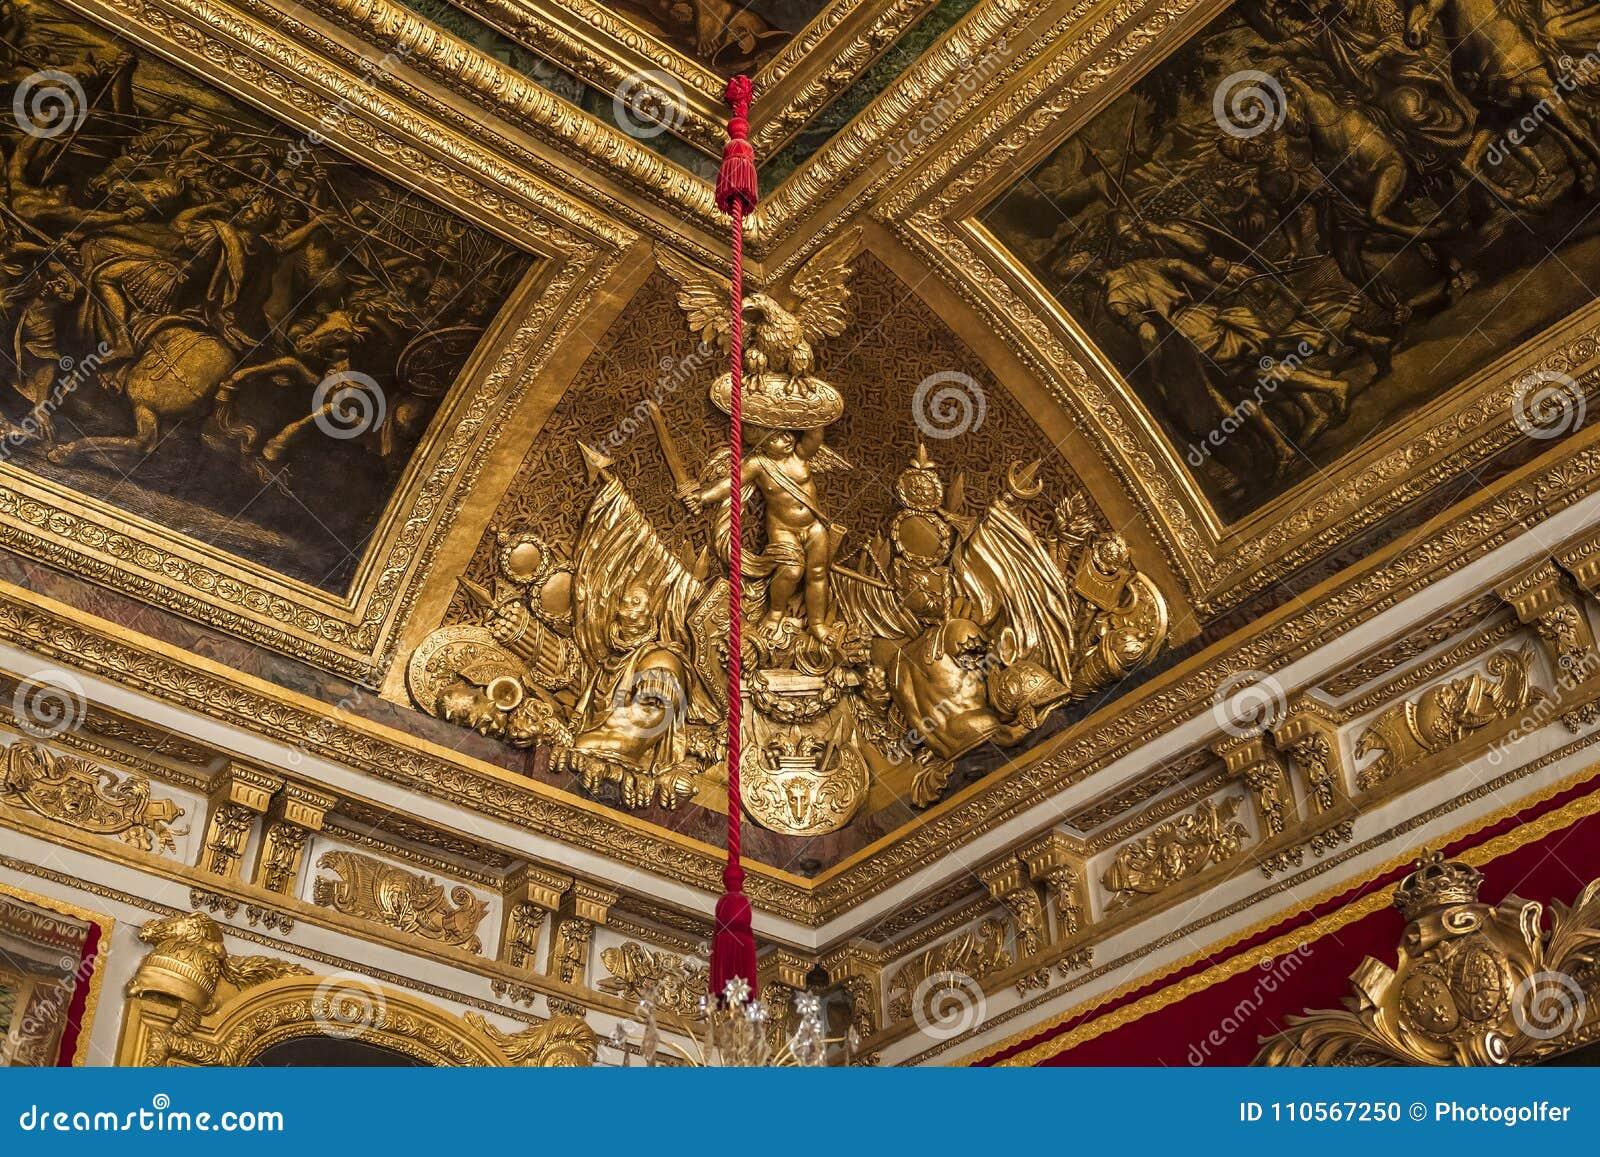 Style architecture chateau de versailles